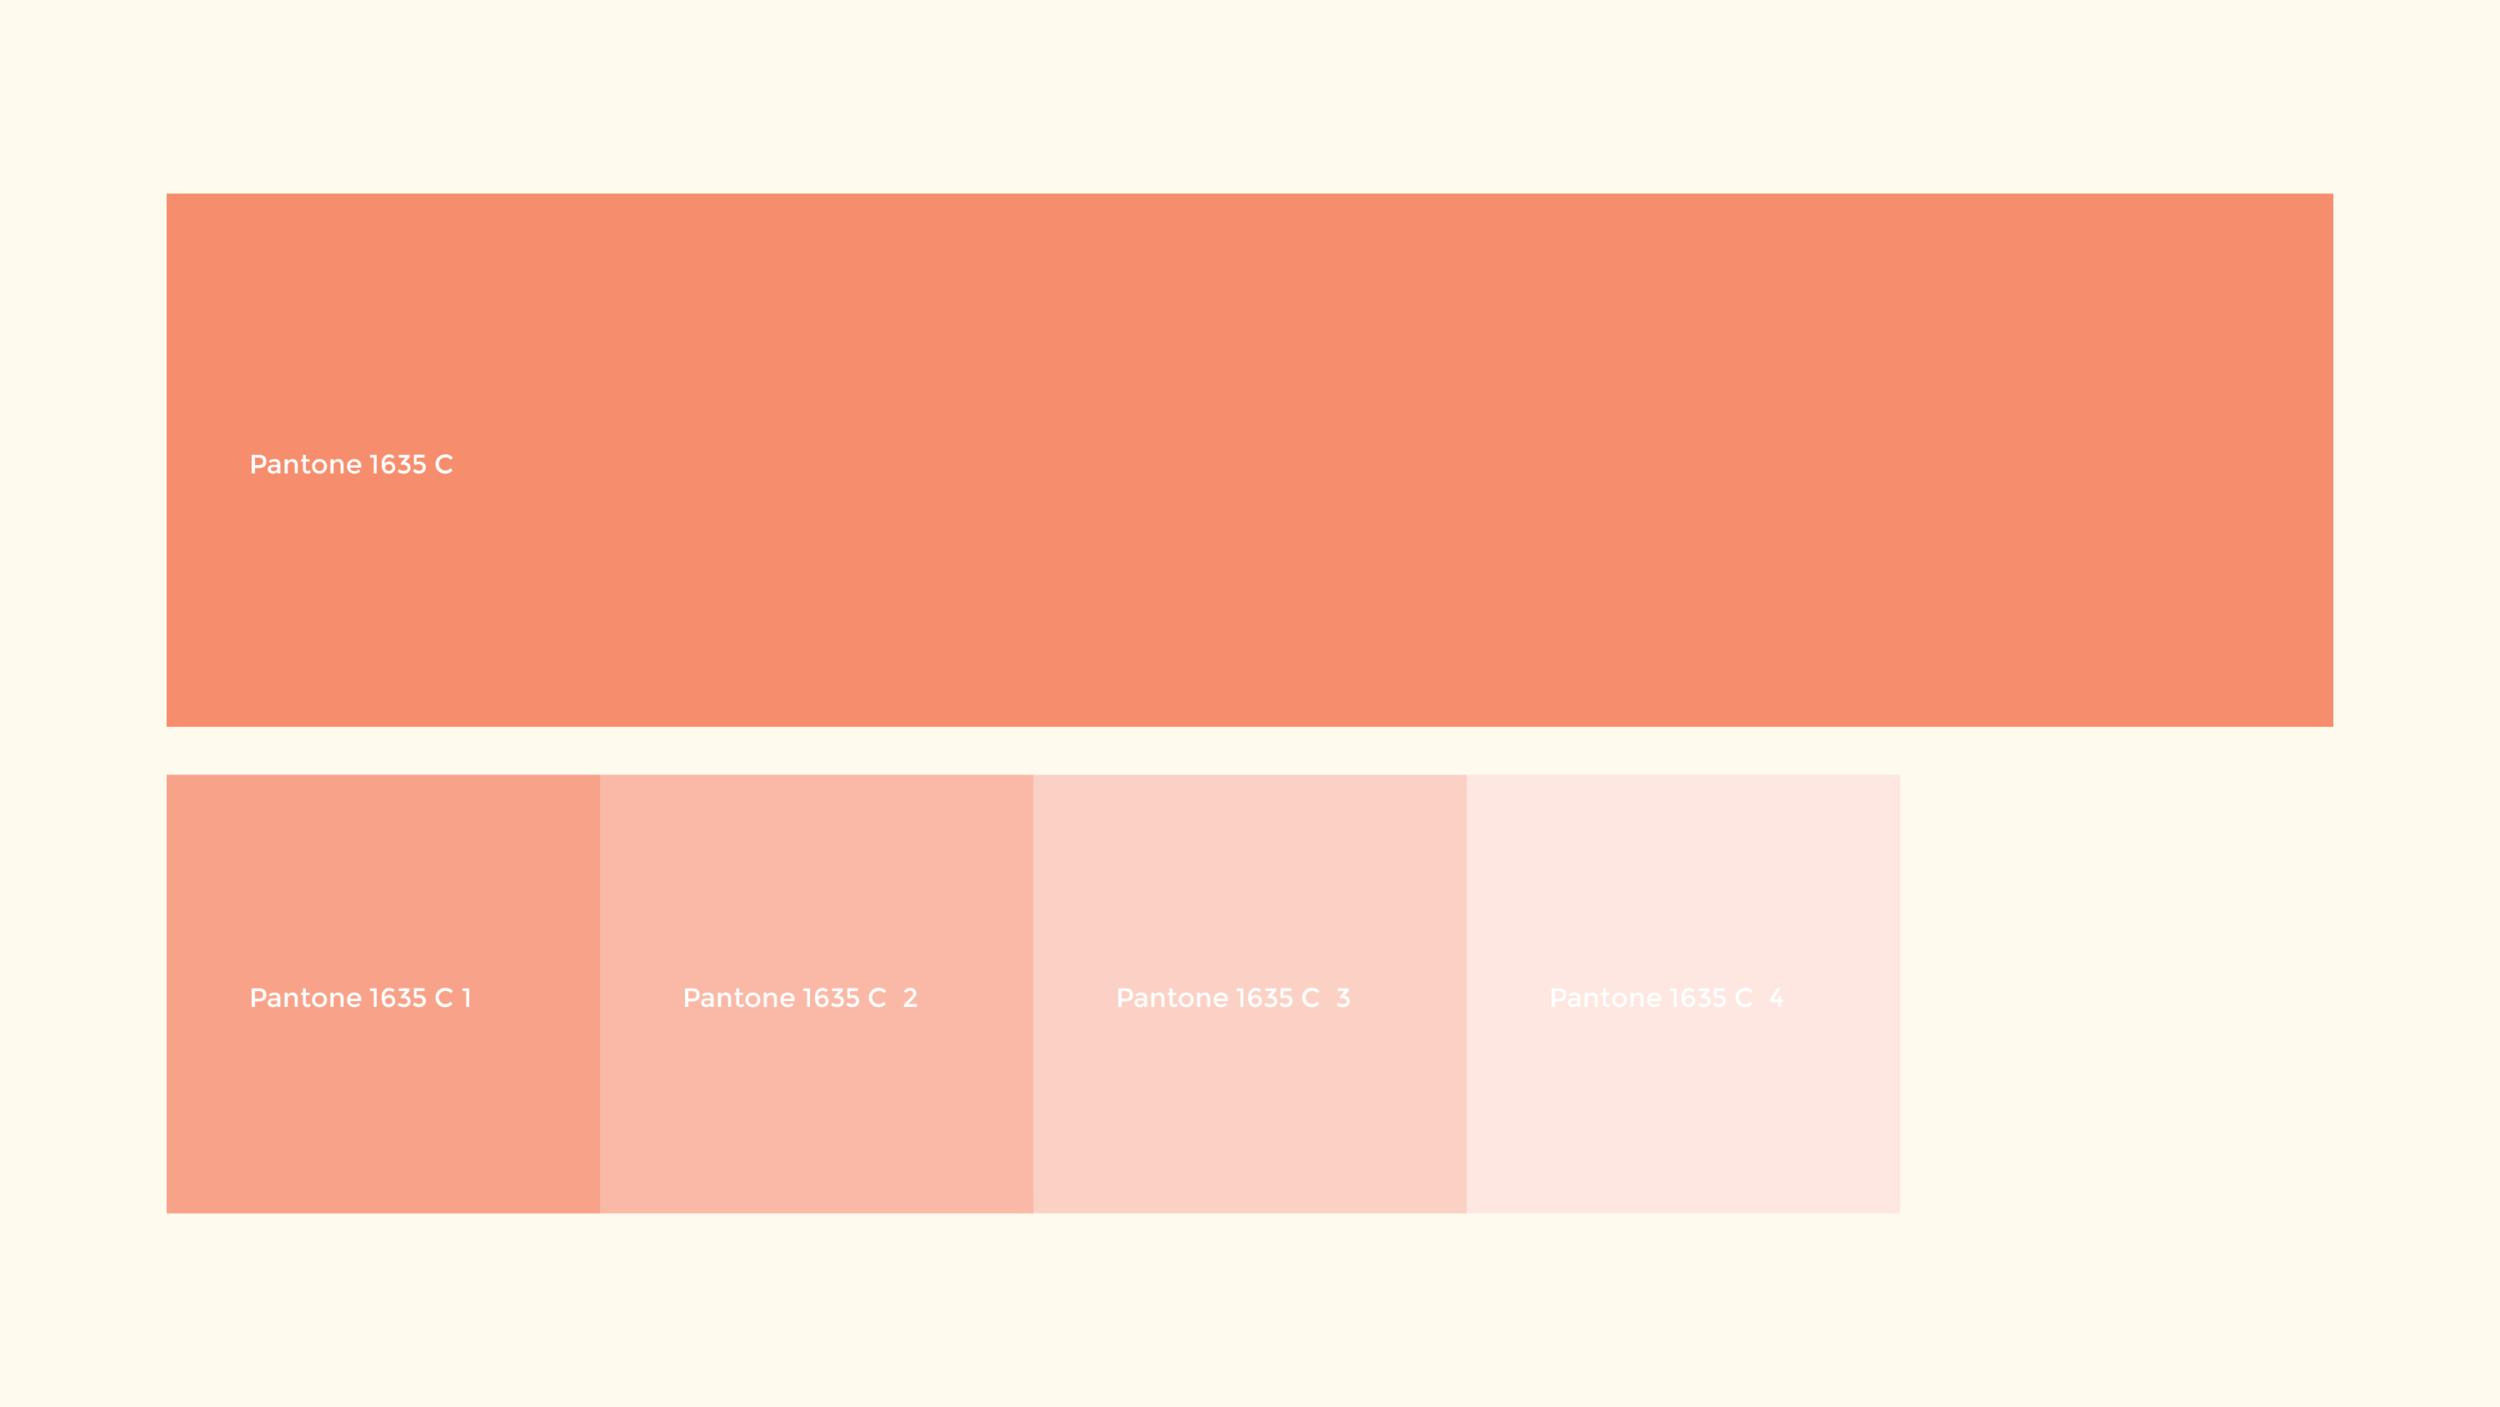 uec_color_3